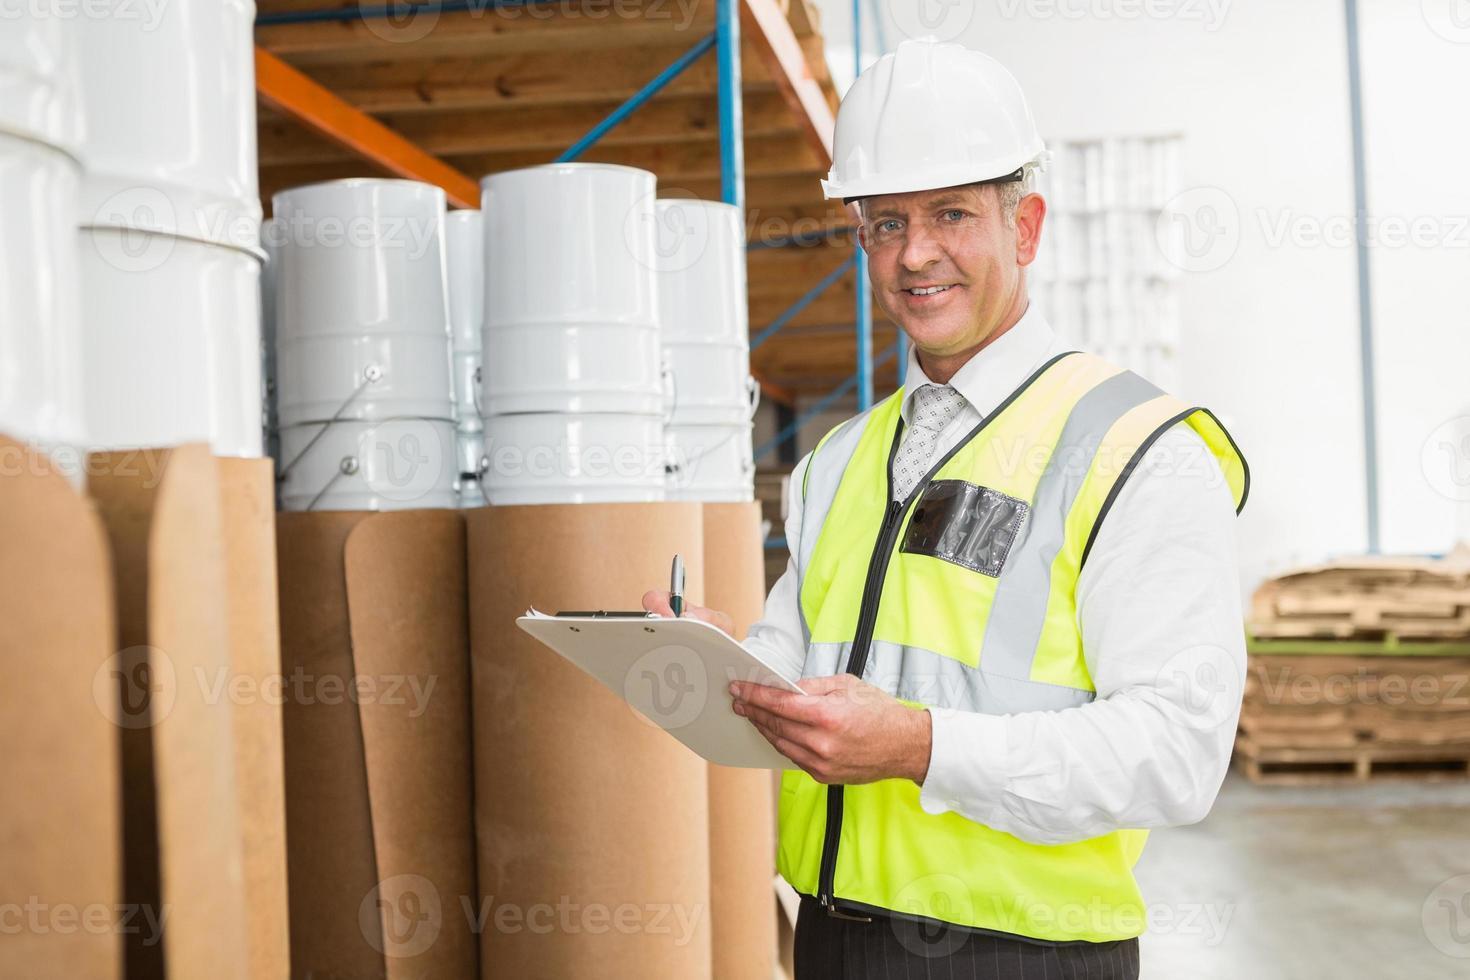 gerente de armazém, verificando sua lista na área de transferência foto